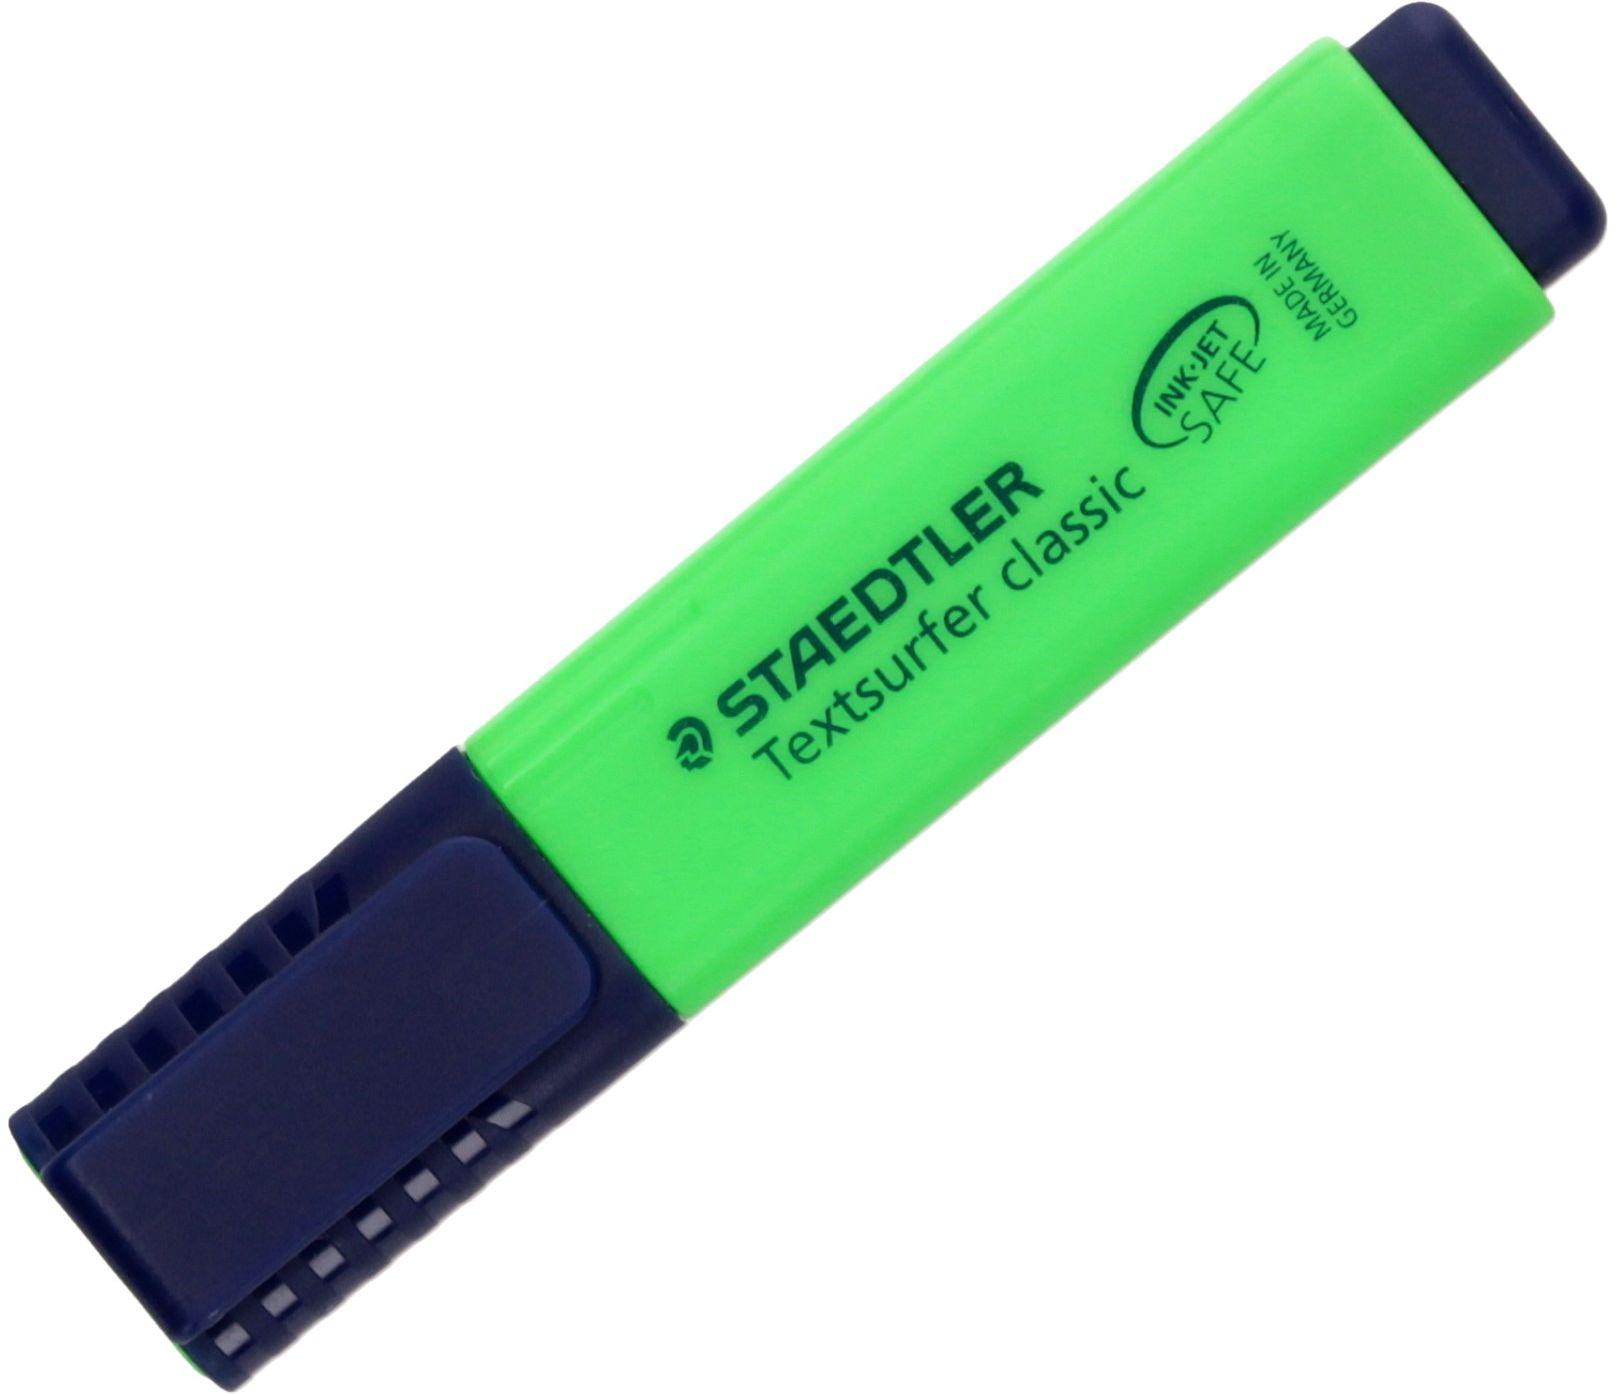 Zakreślacz zielony Textsurfer Classic Staedtler